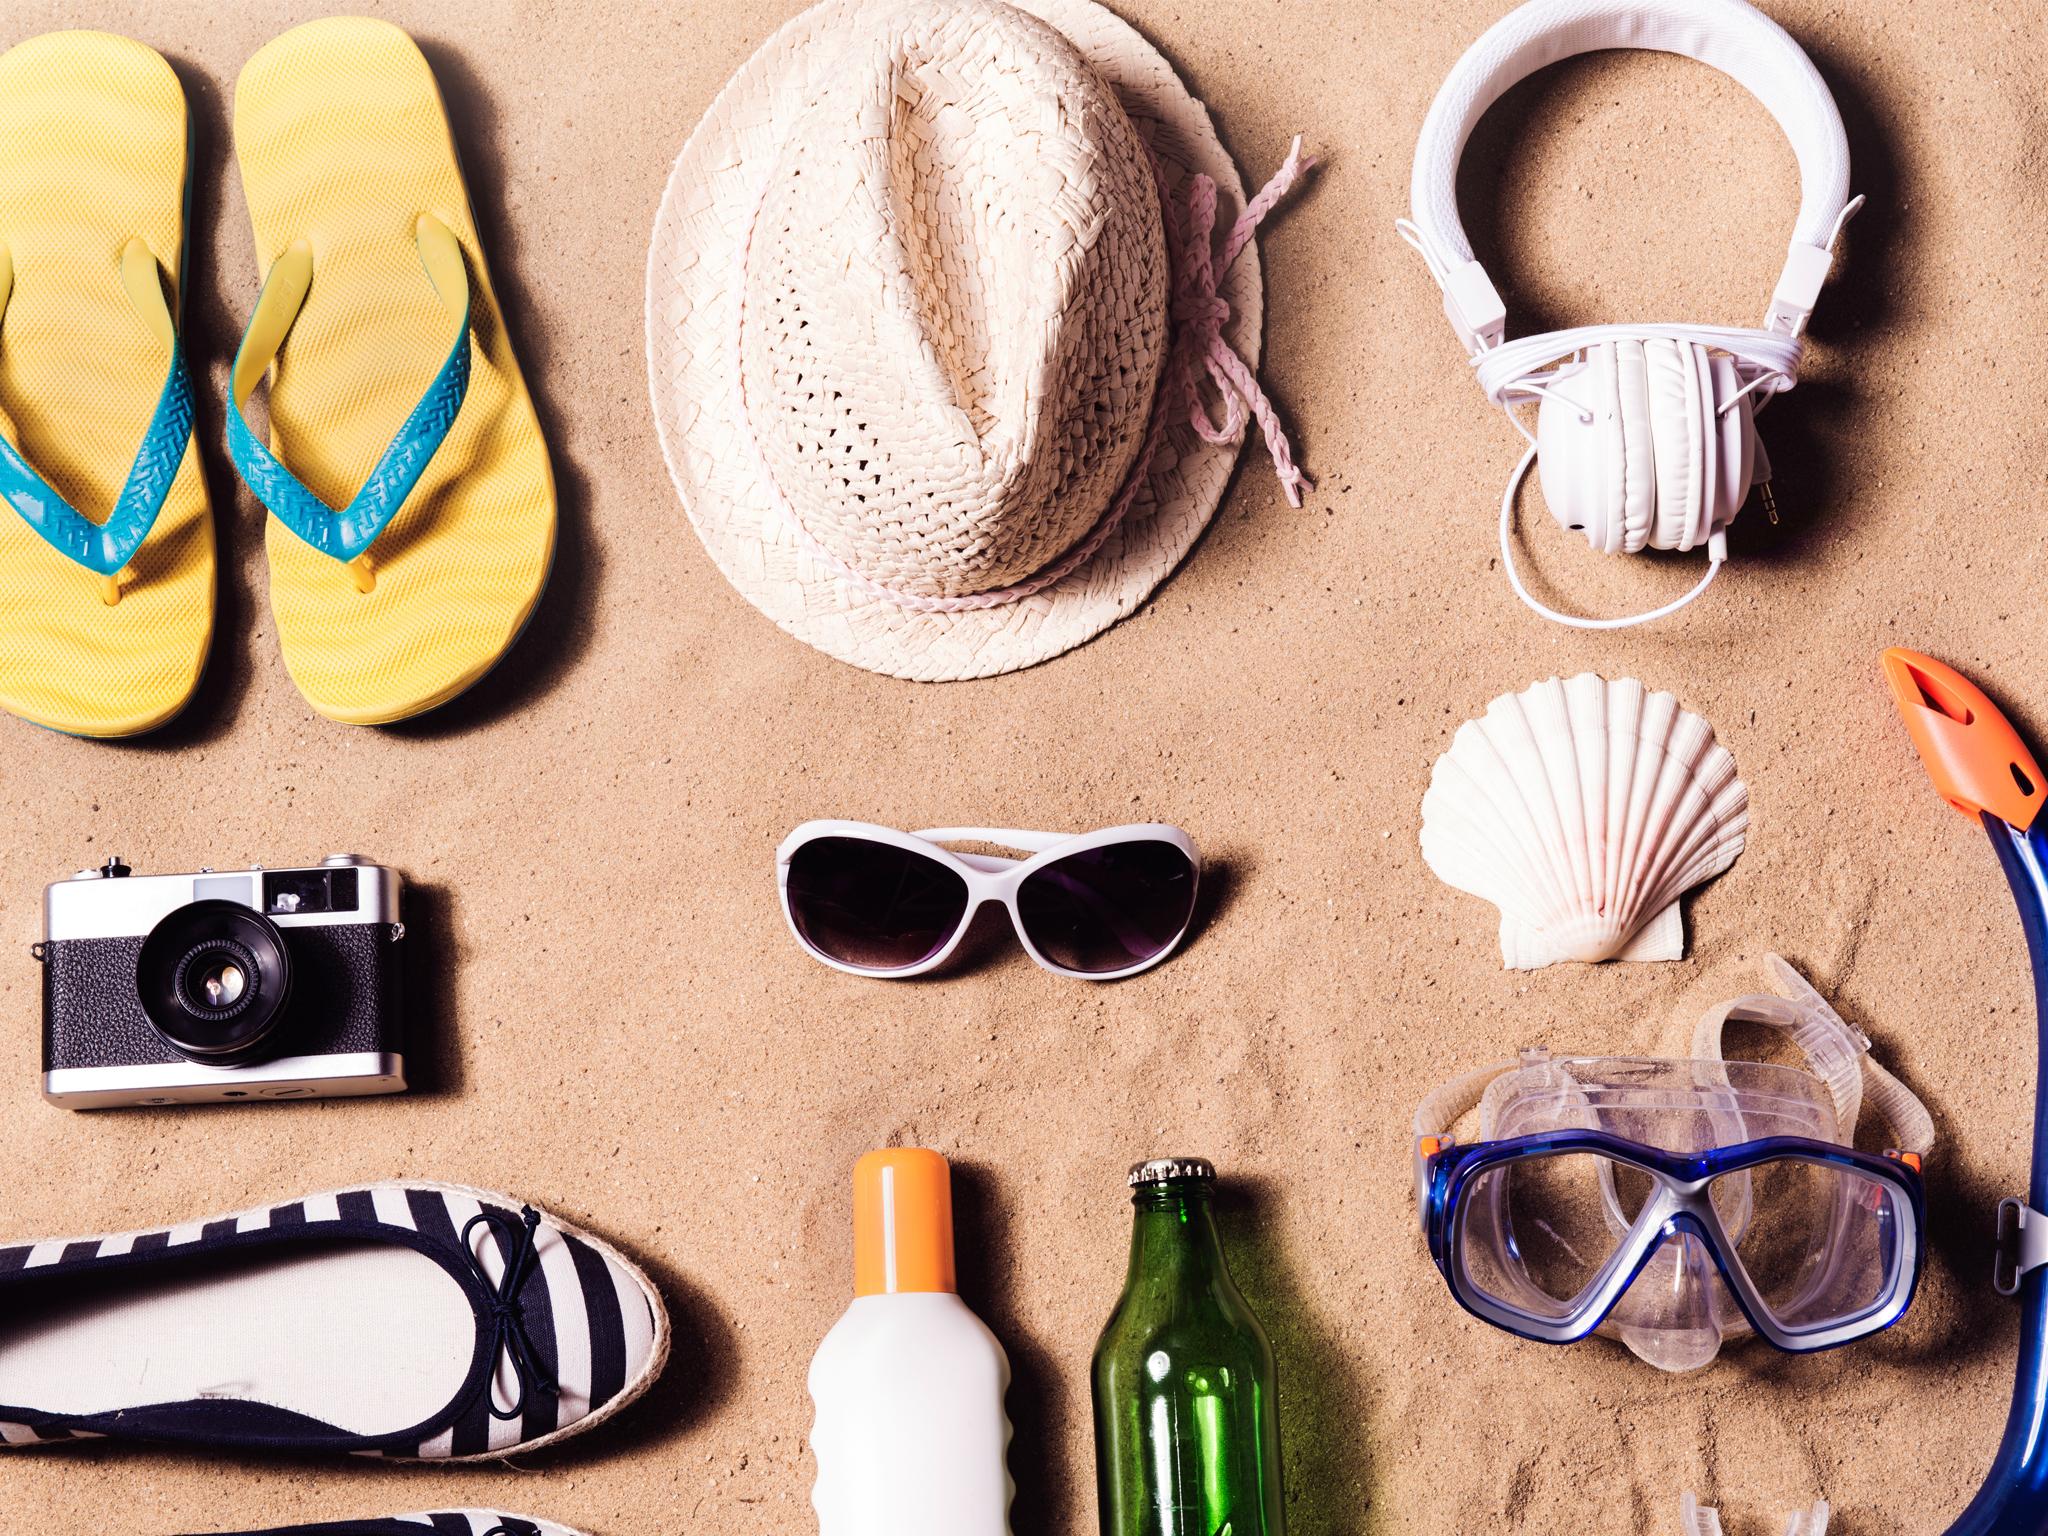 Productos de belleza para vacaciones